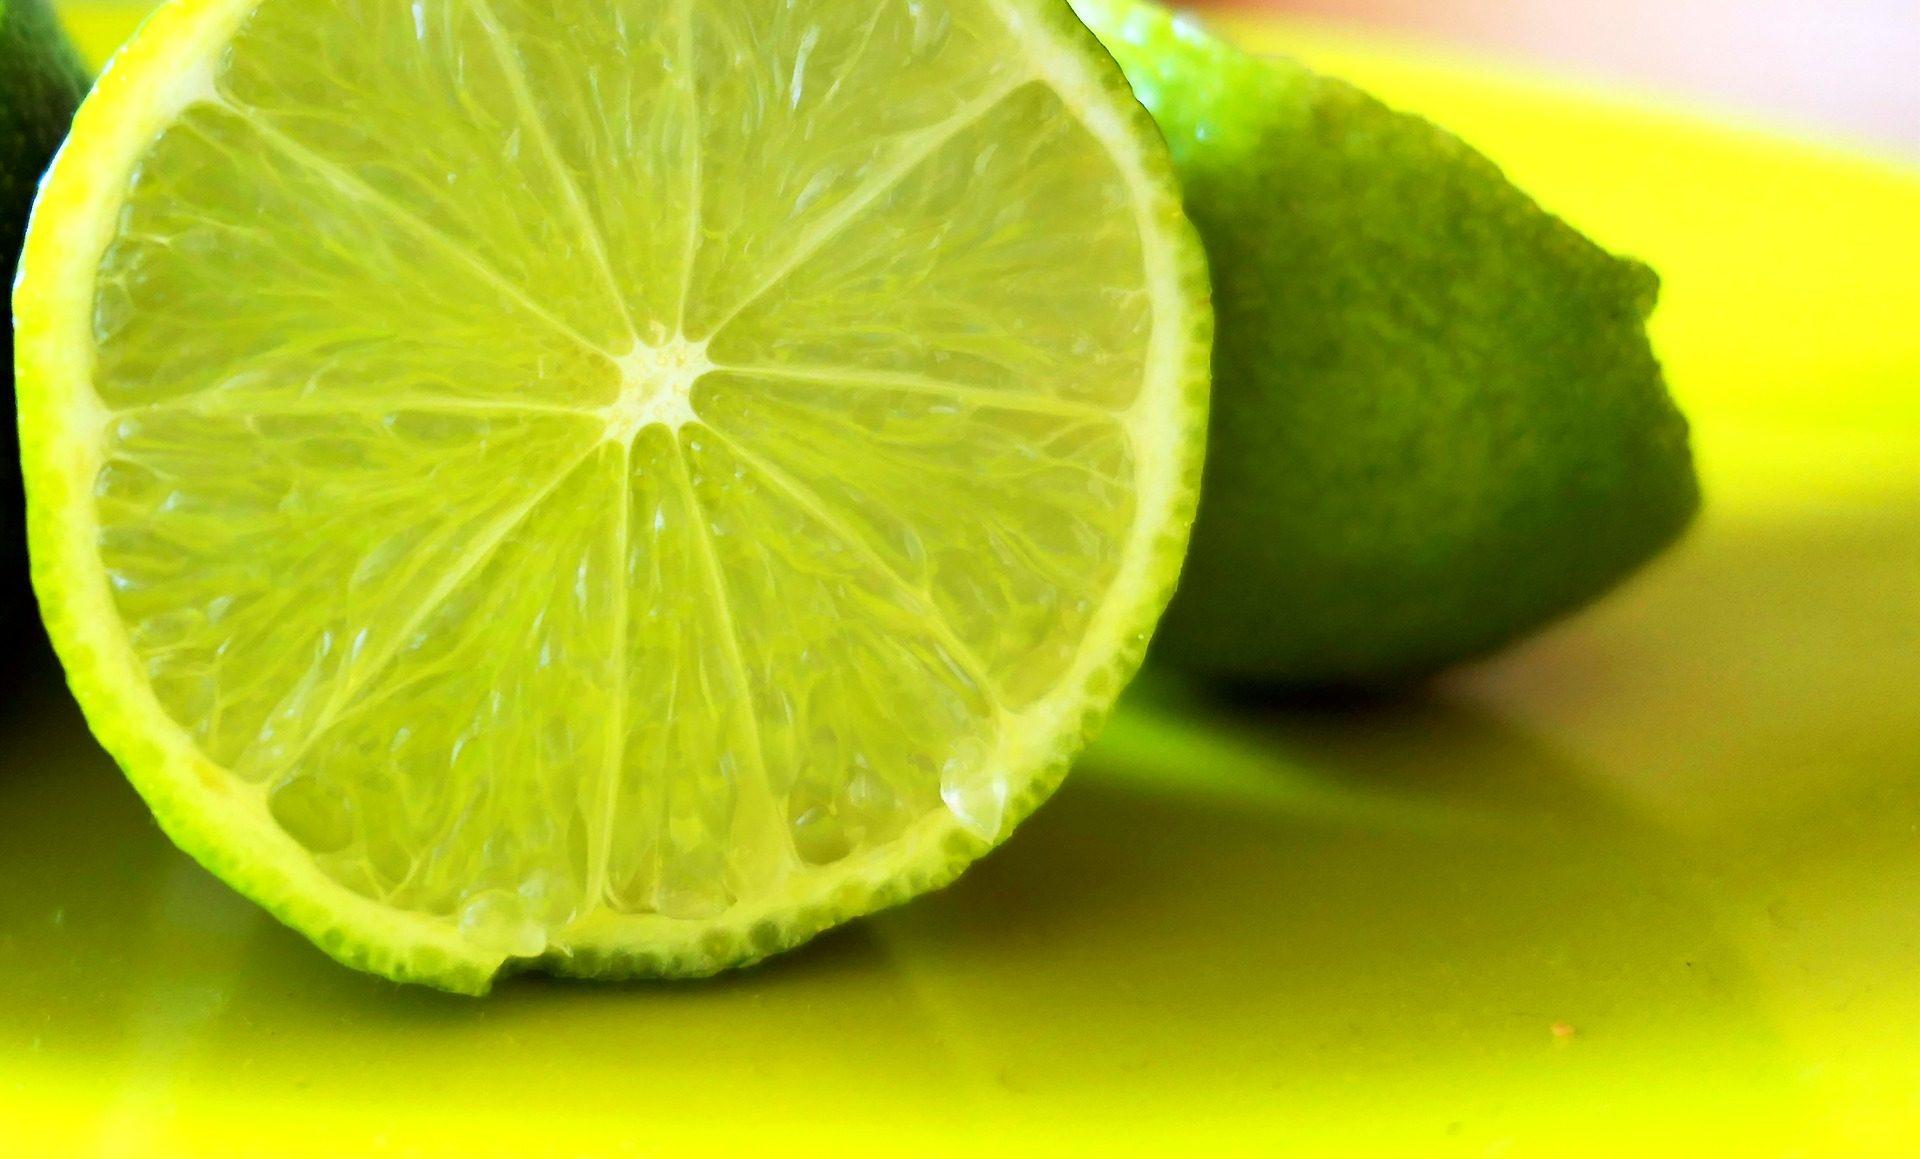 limone, Lima, Agrumi, frutta, succo di frutta - Sfondi HD - Professor-falken.com